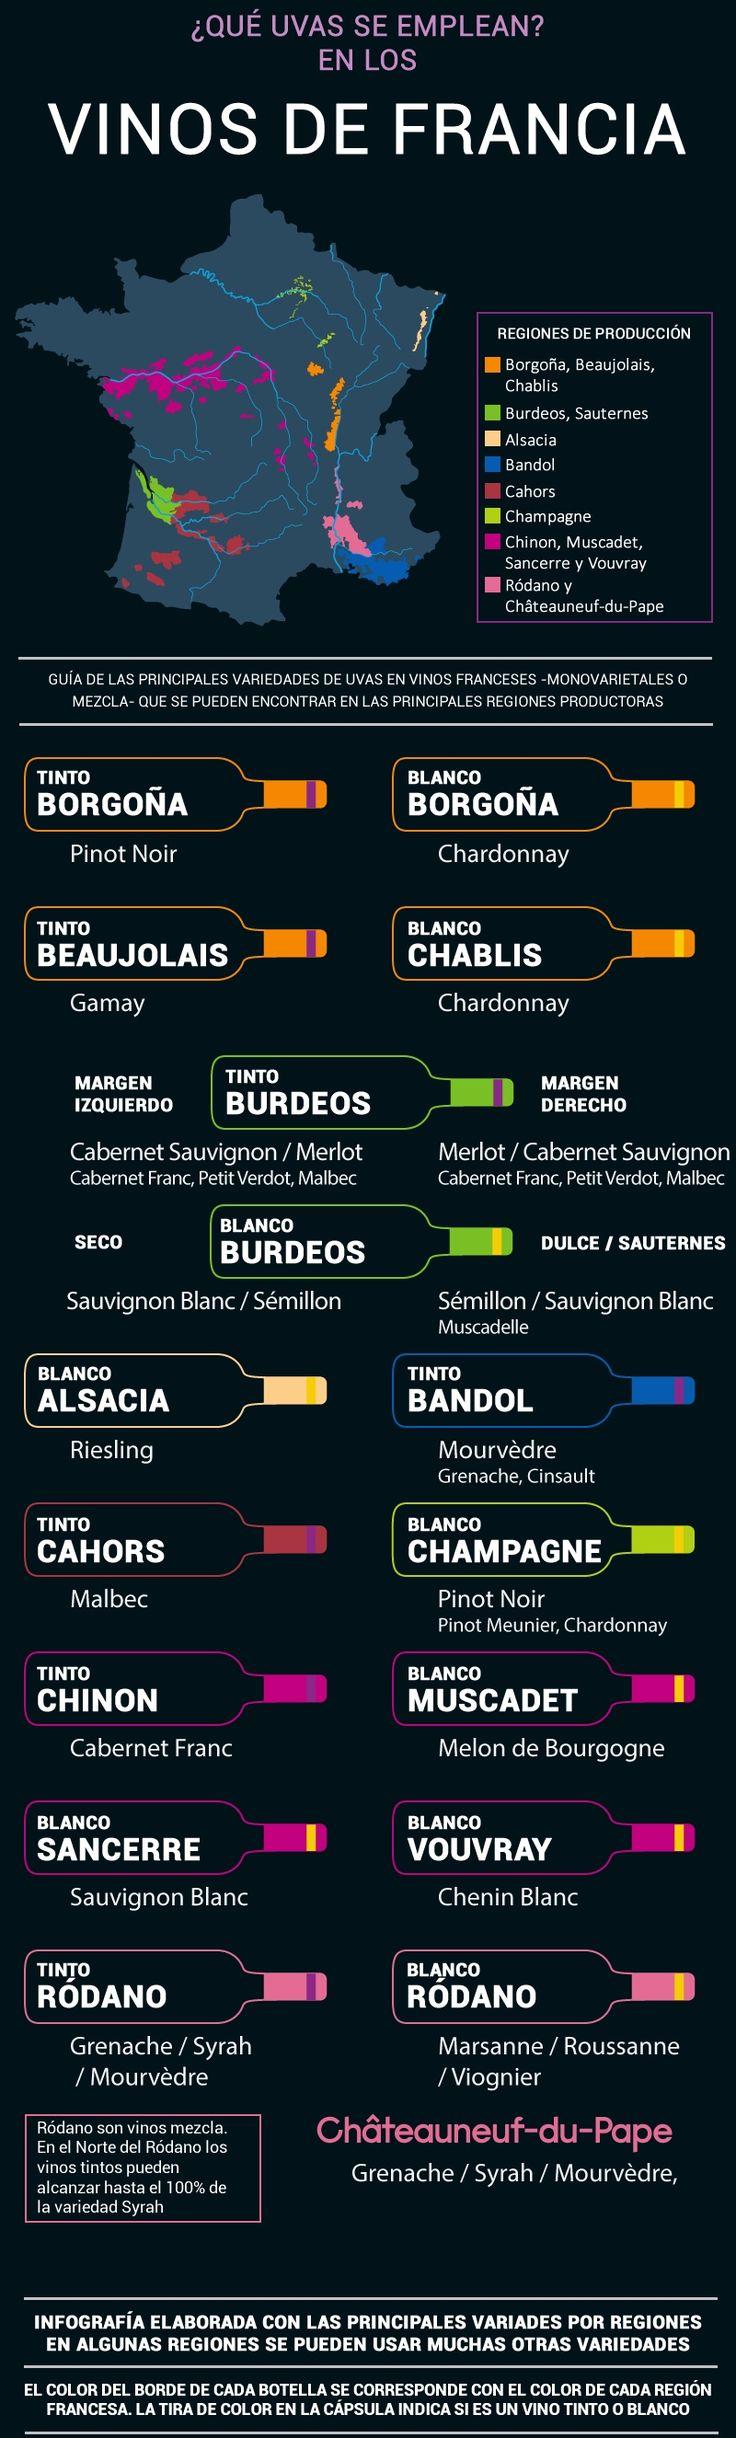 ¿Qué uvas se emplean en los vinos de Francia?